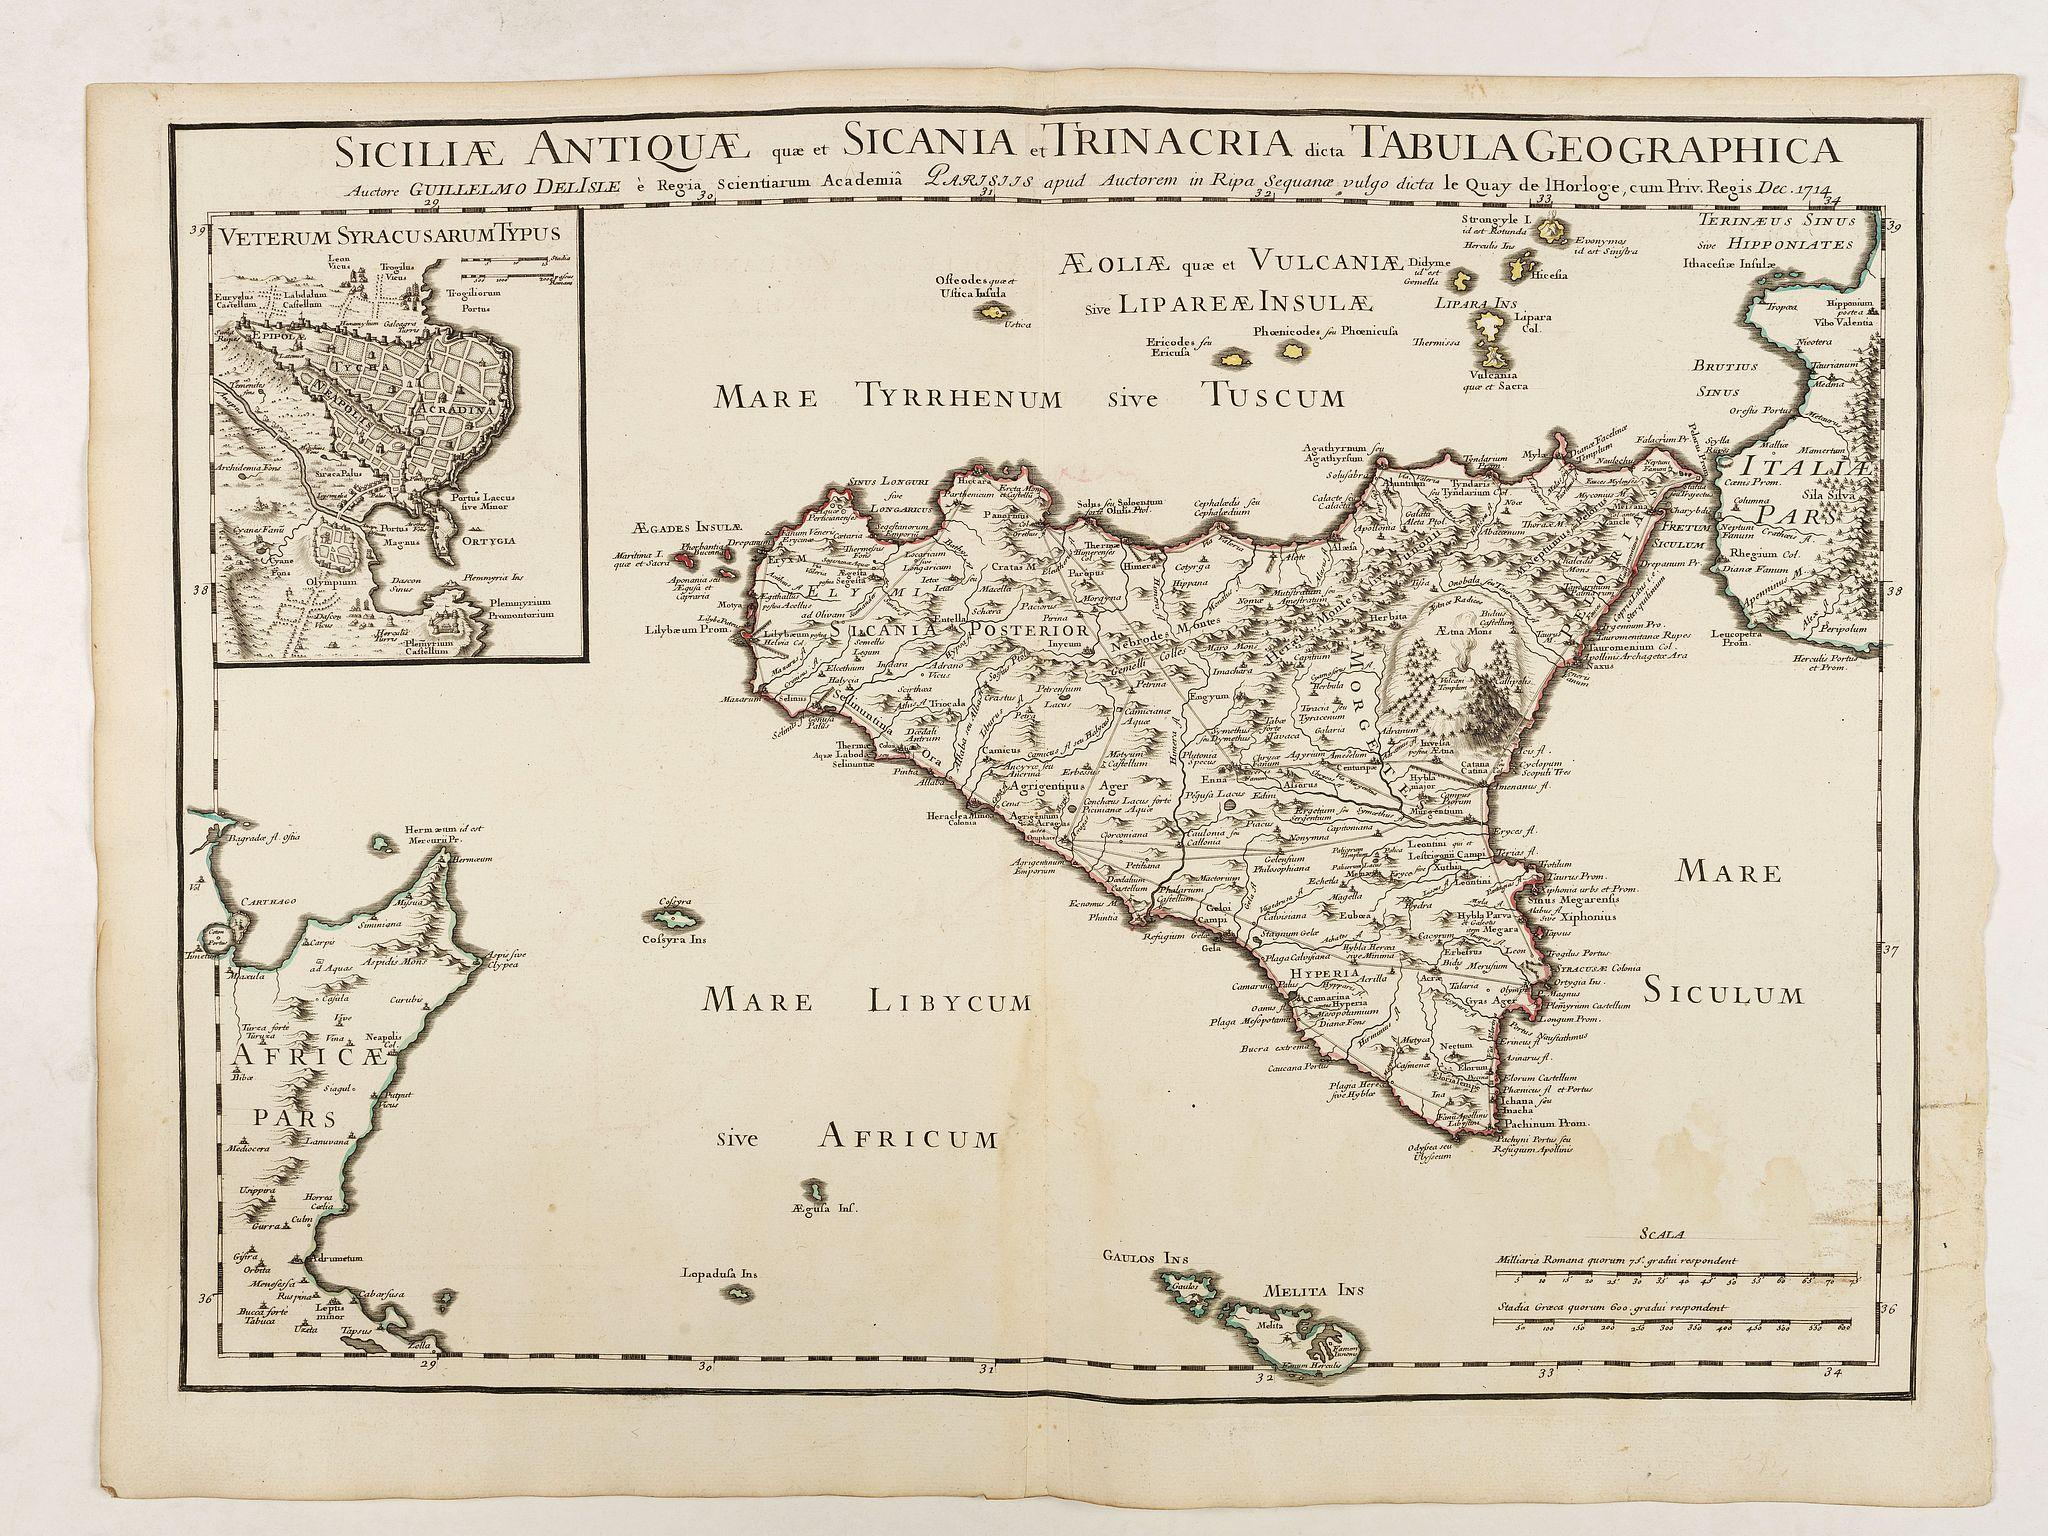 DE LISLE, G. -  Siciliae Antiquae quae et Sicania et Trinacria dicta tabula geographica.